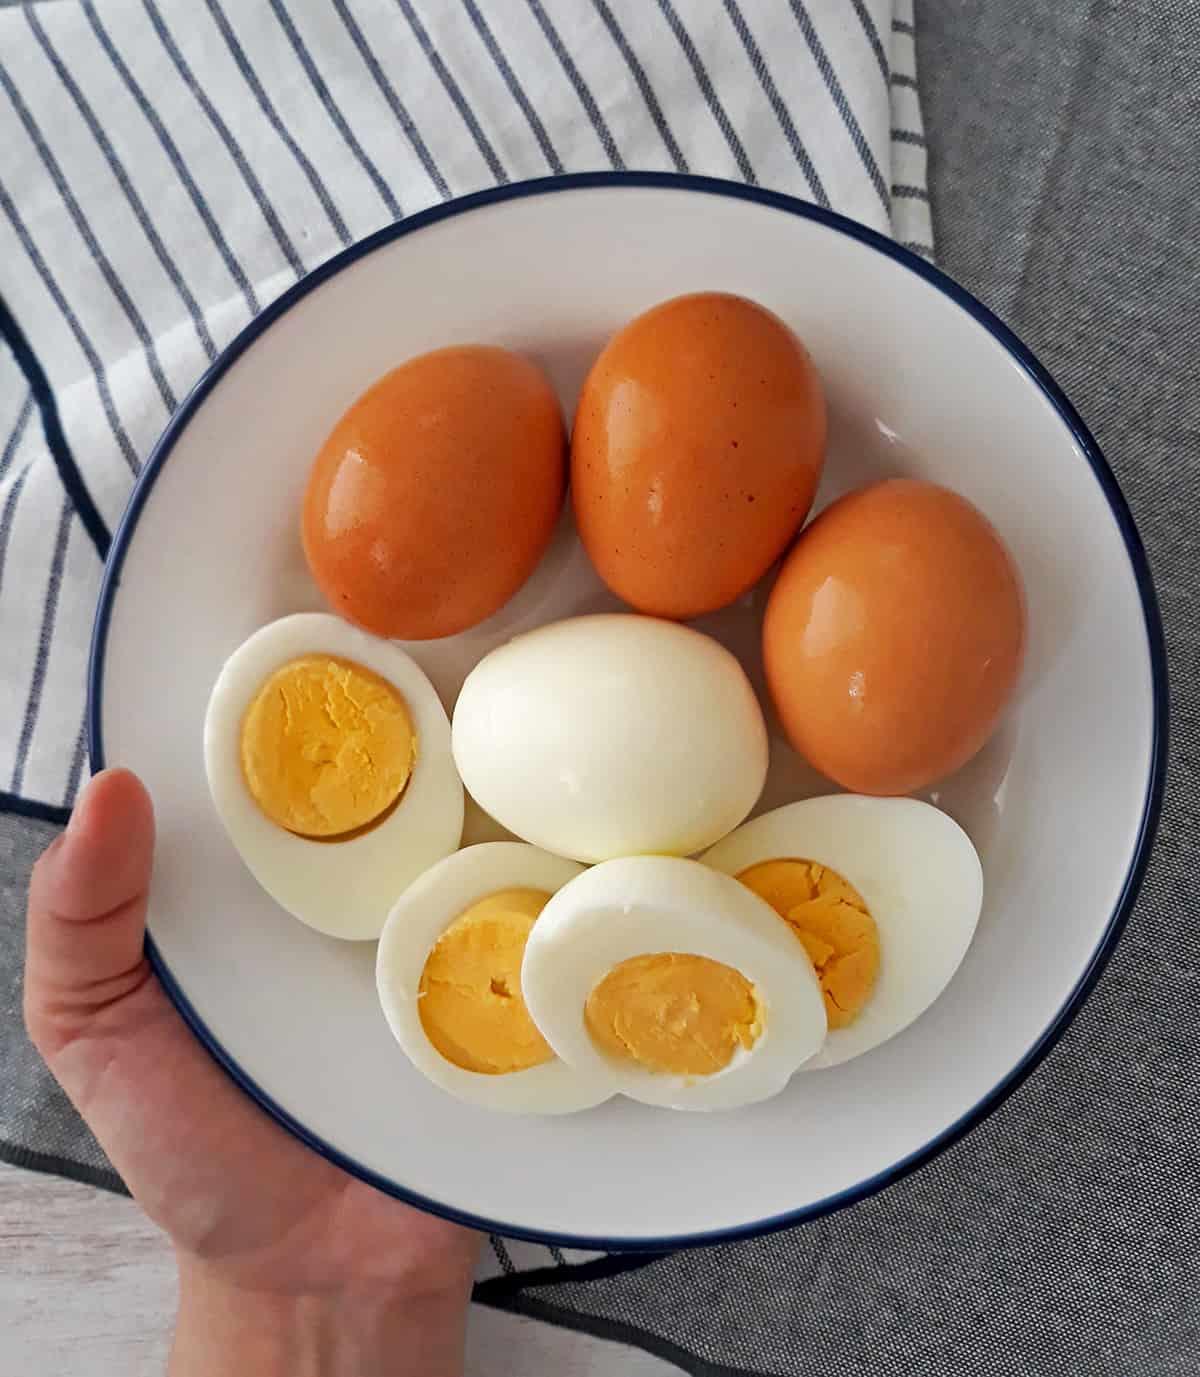 huevos duros con cascara y sin cascara en un plato